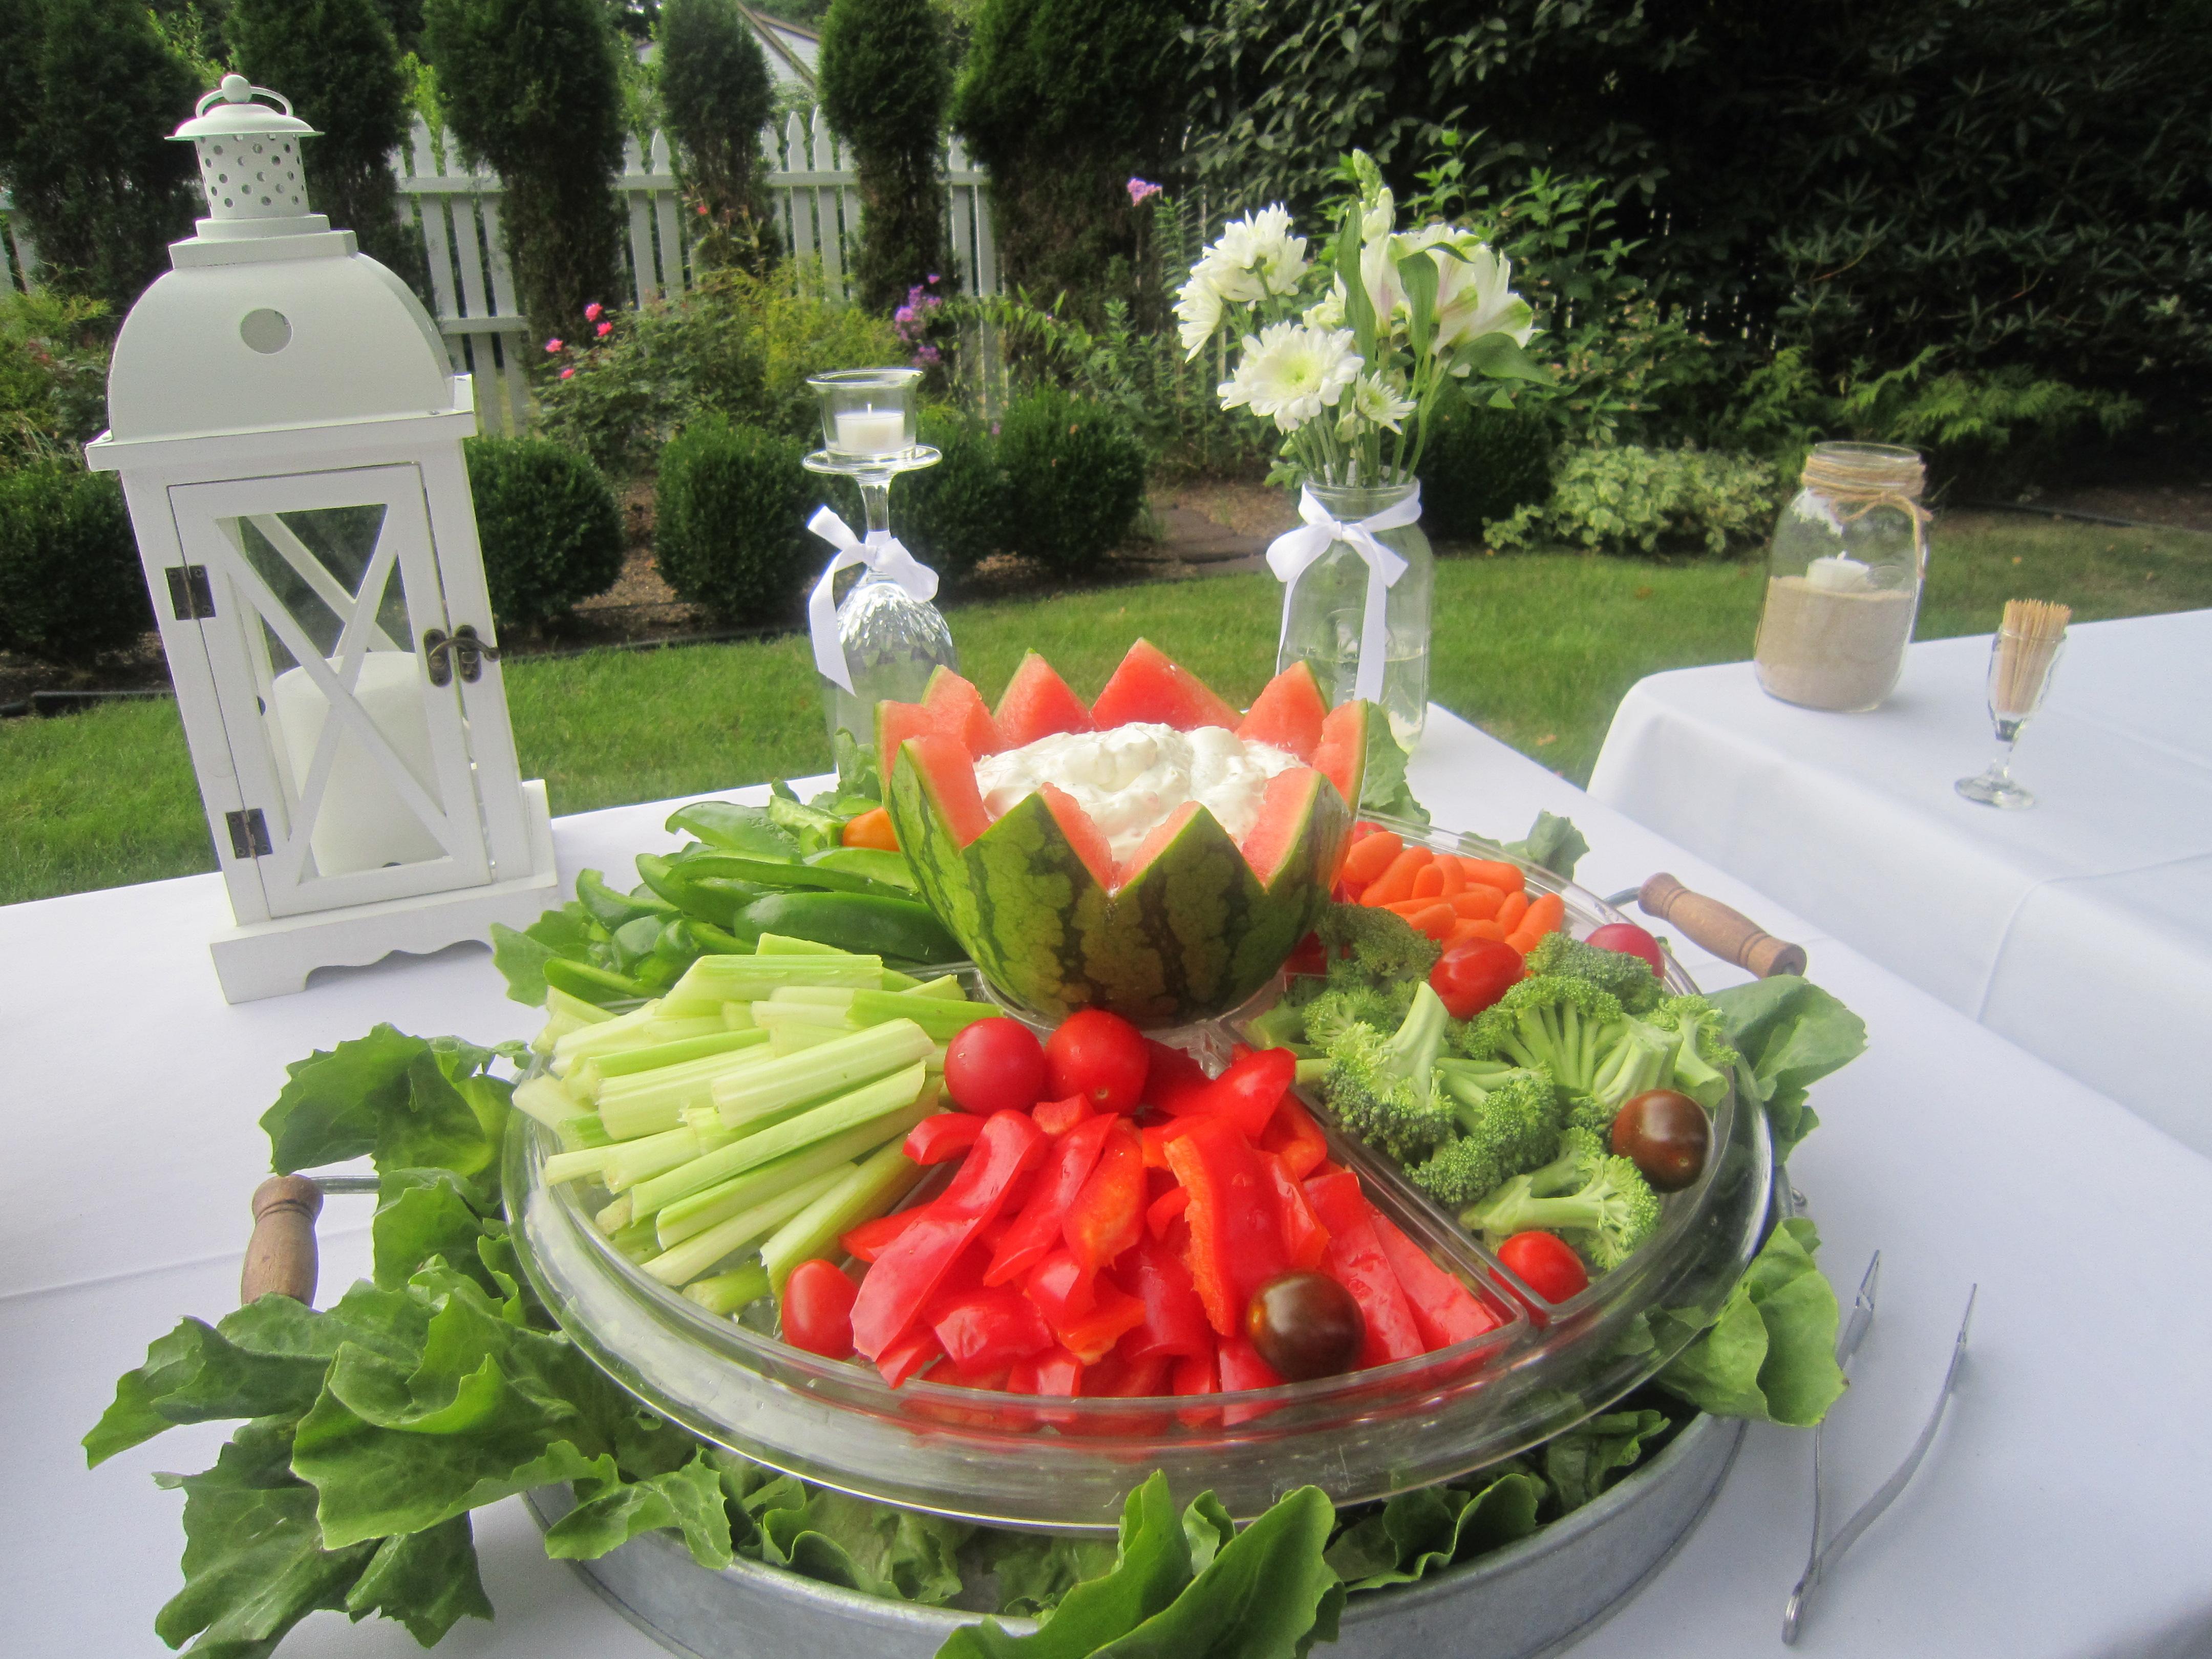 Small veggie platter